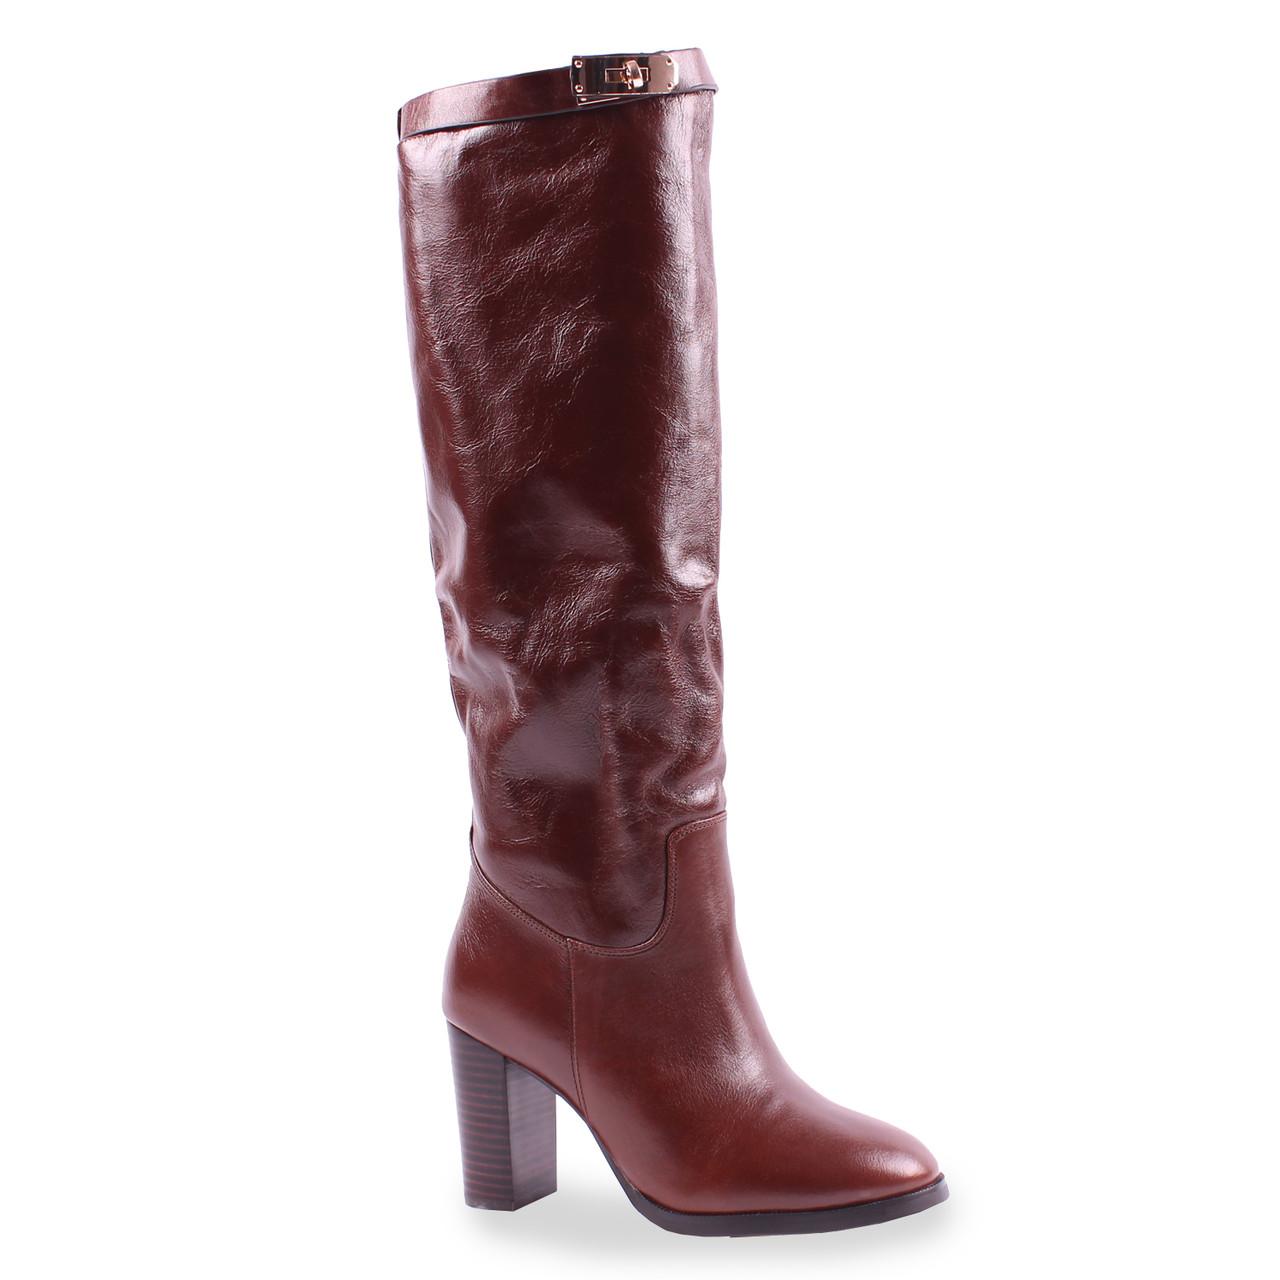 Модные женские сапоги Bosnova (зимние, натуральная кожа, удобный каблук, красивый цвет, теплые)